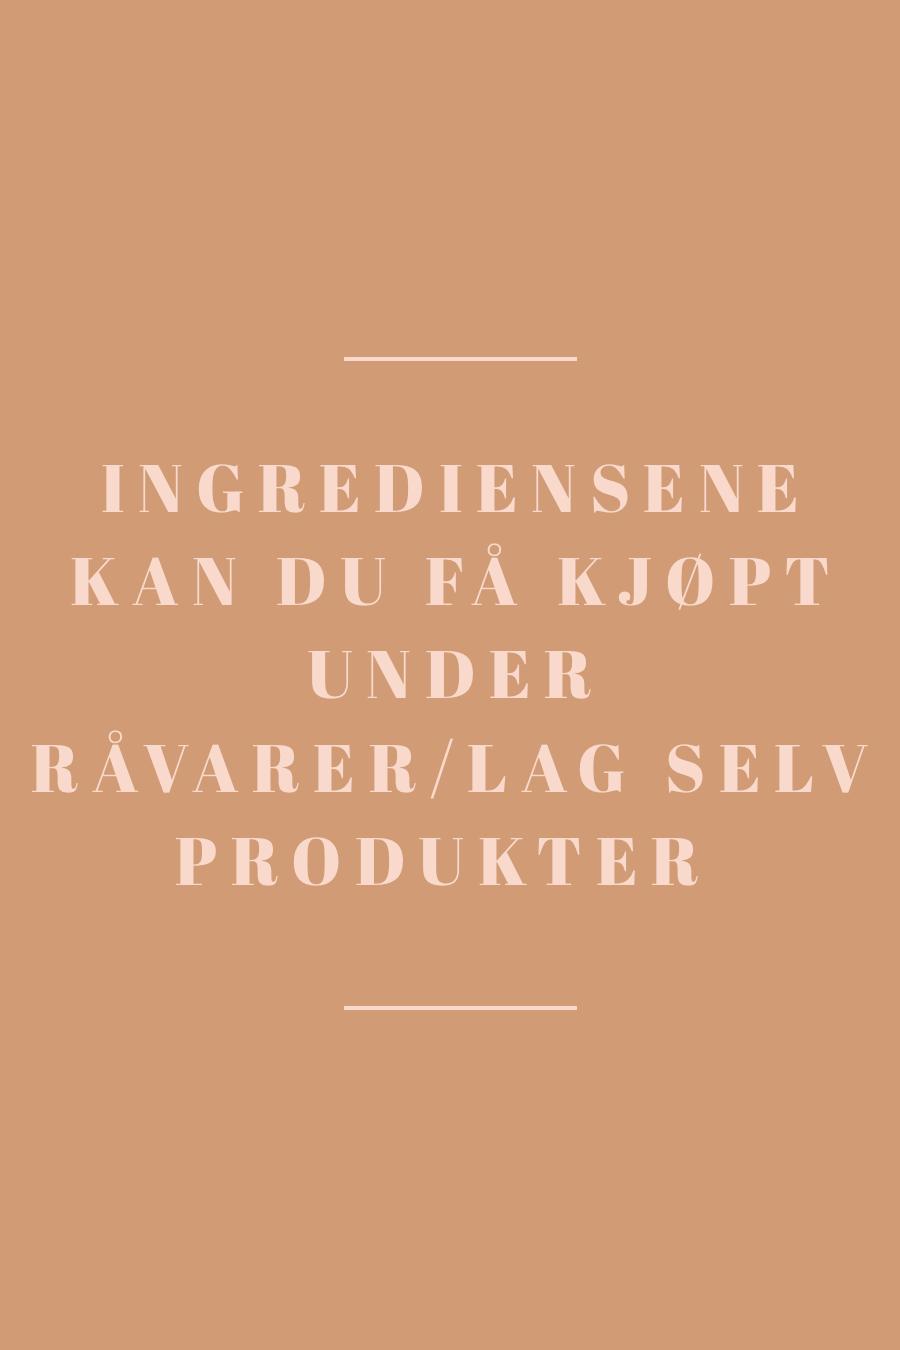 Ingrediensene kan du få kjøpt under RÅVARER TIL LAG SELV PRODUKTER.jpg